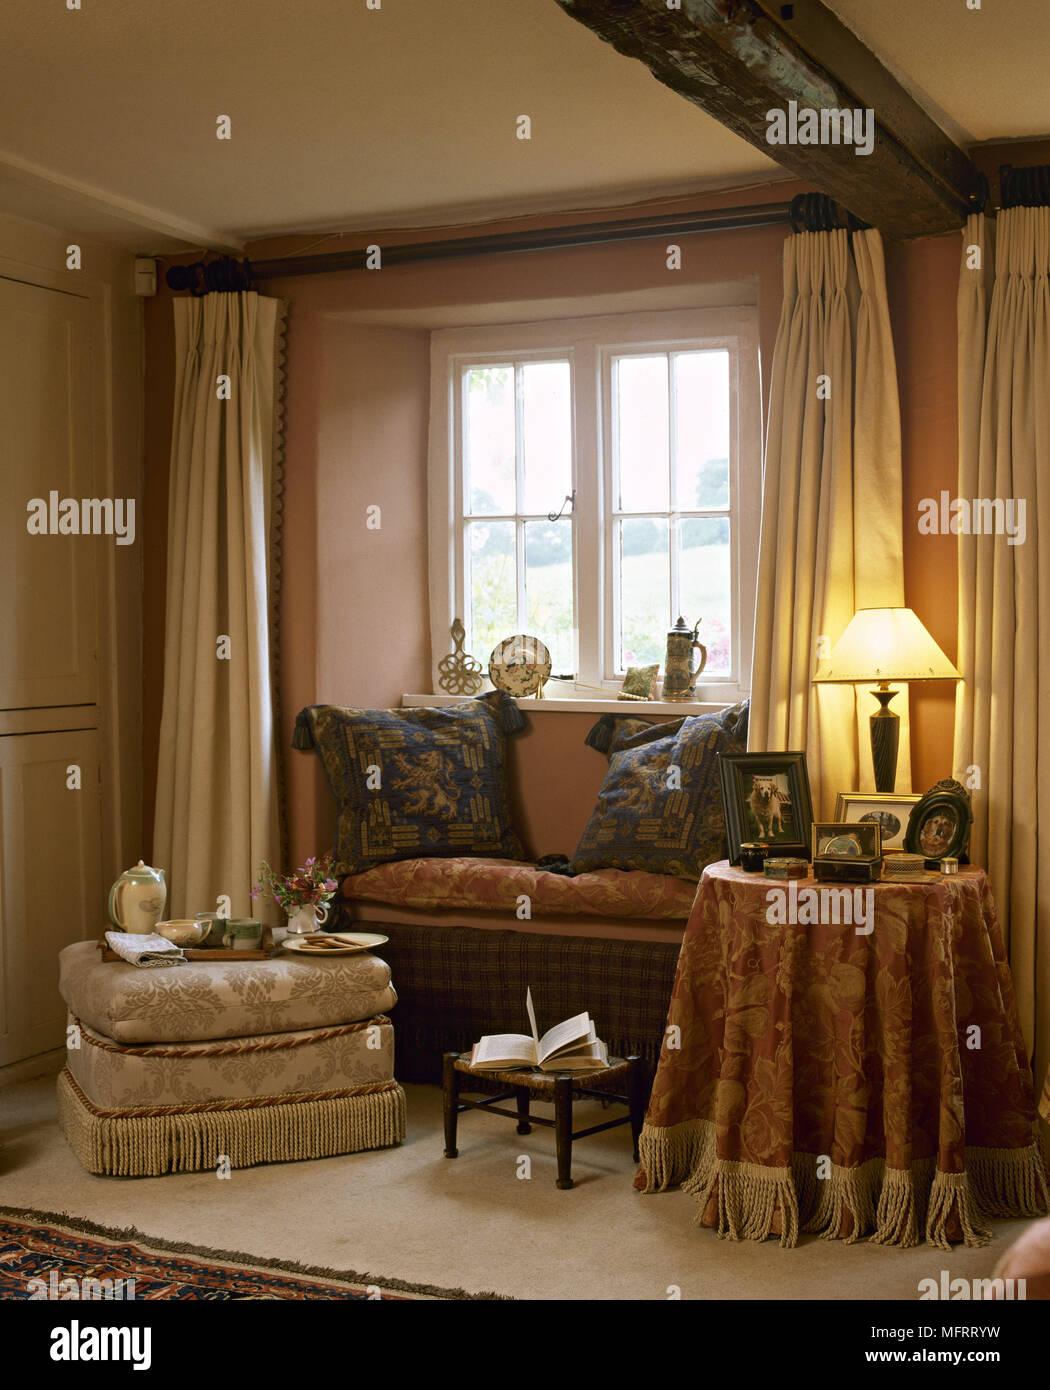 Landhausstil Wohnzimmer Mit Fenster Vorhänge Stoff überzogenen Tisch  Gepolsterten Hocker Und Holzbalken.